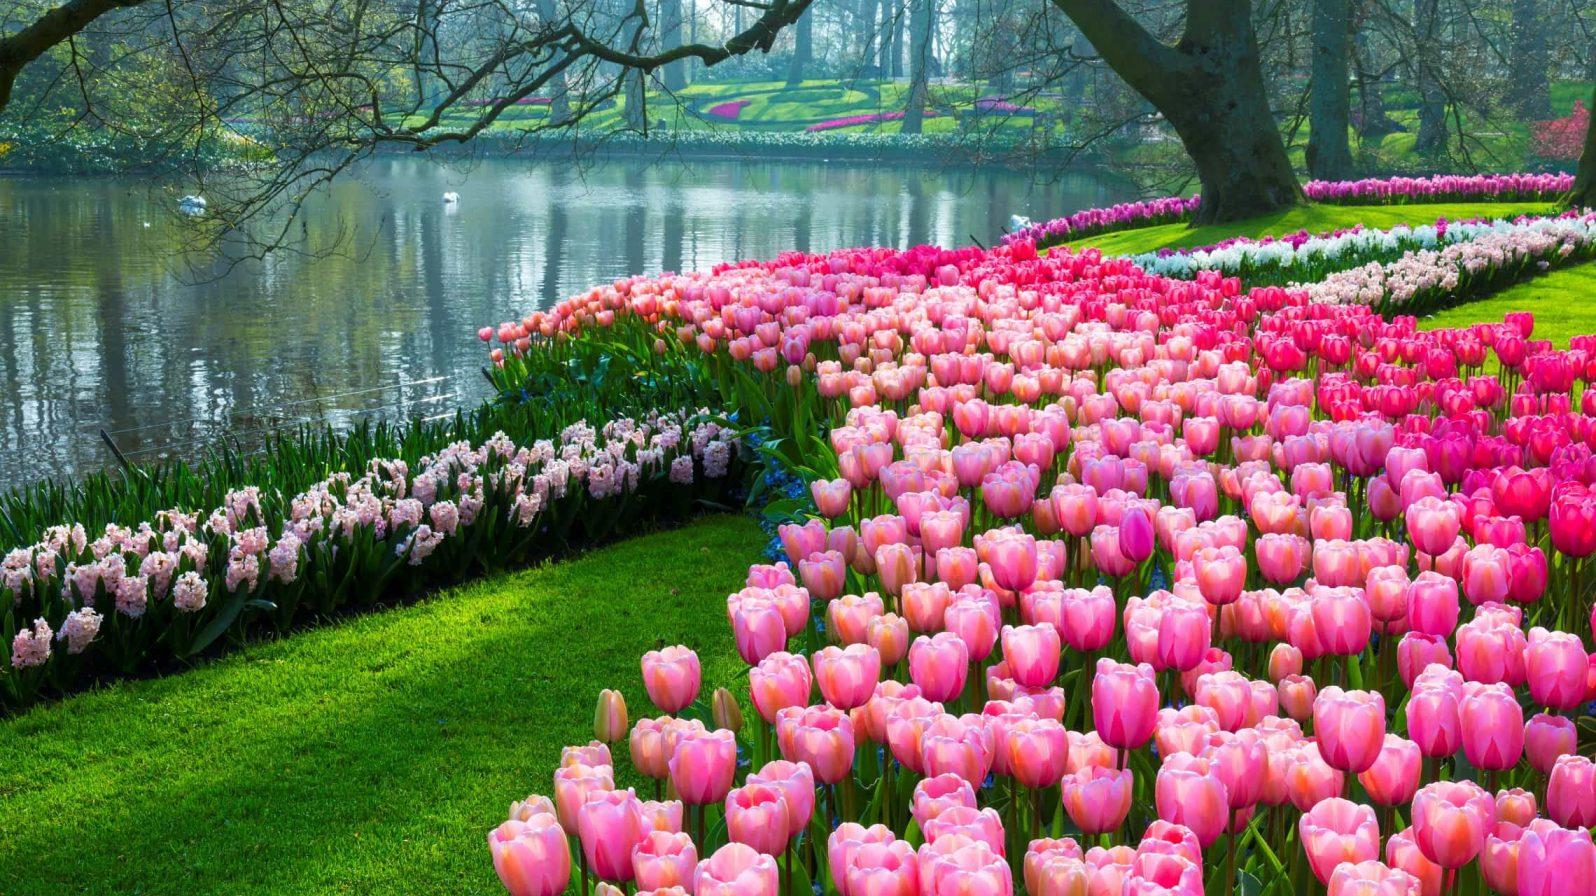 Keväinen-puutarha-kasvit-Keukenhof-1596x896.jpeg